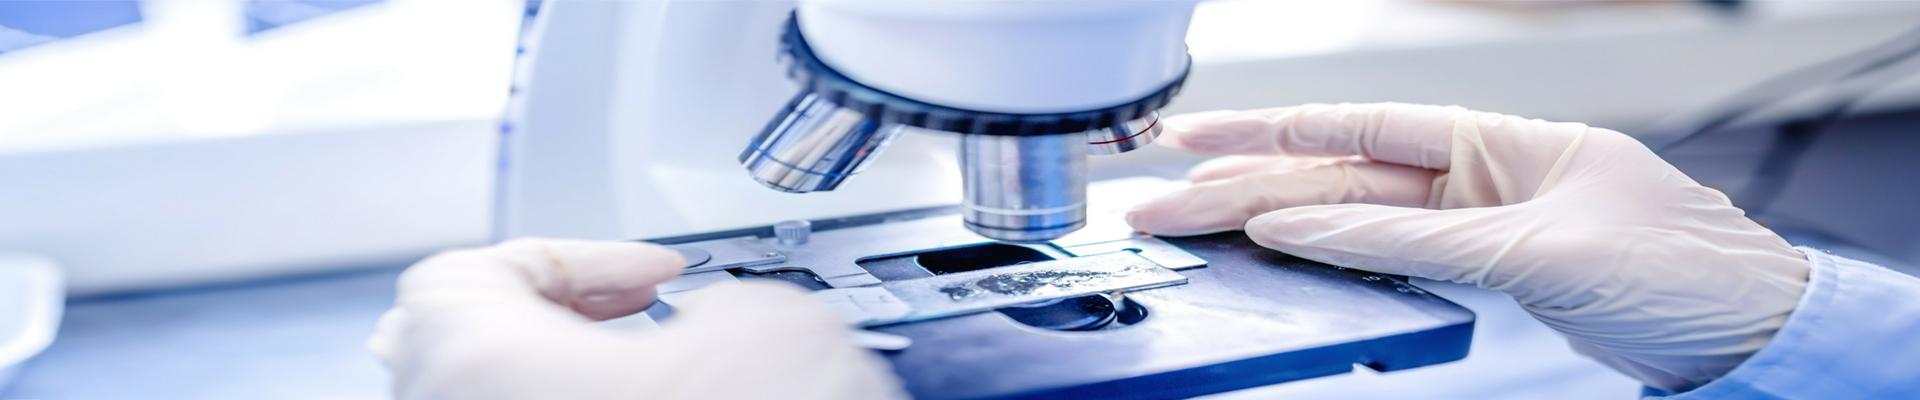 Vastagbélrák kezdeti tünetei hpv diagnosztikai vírus